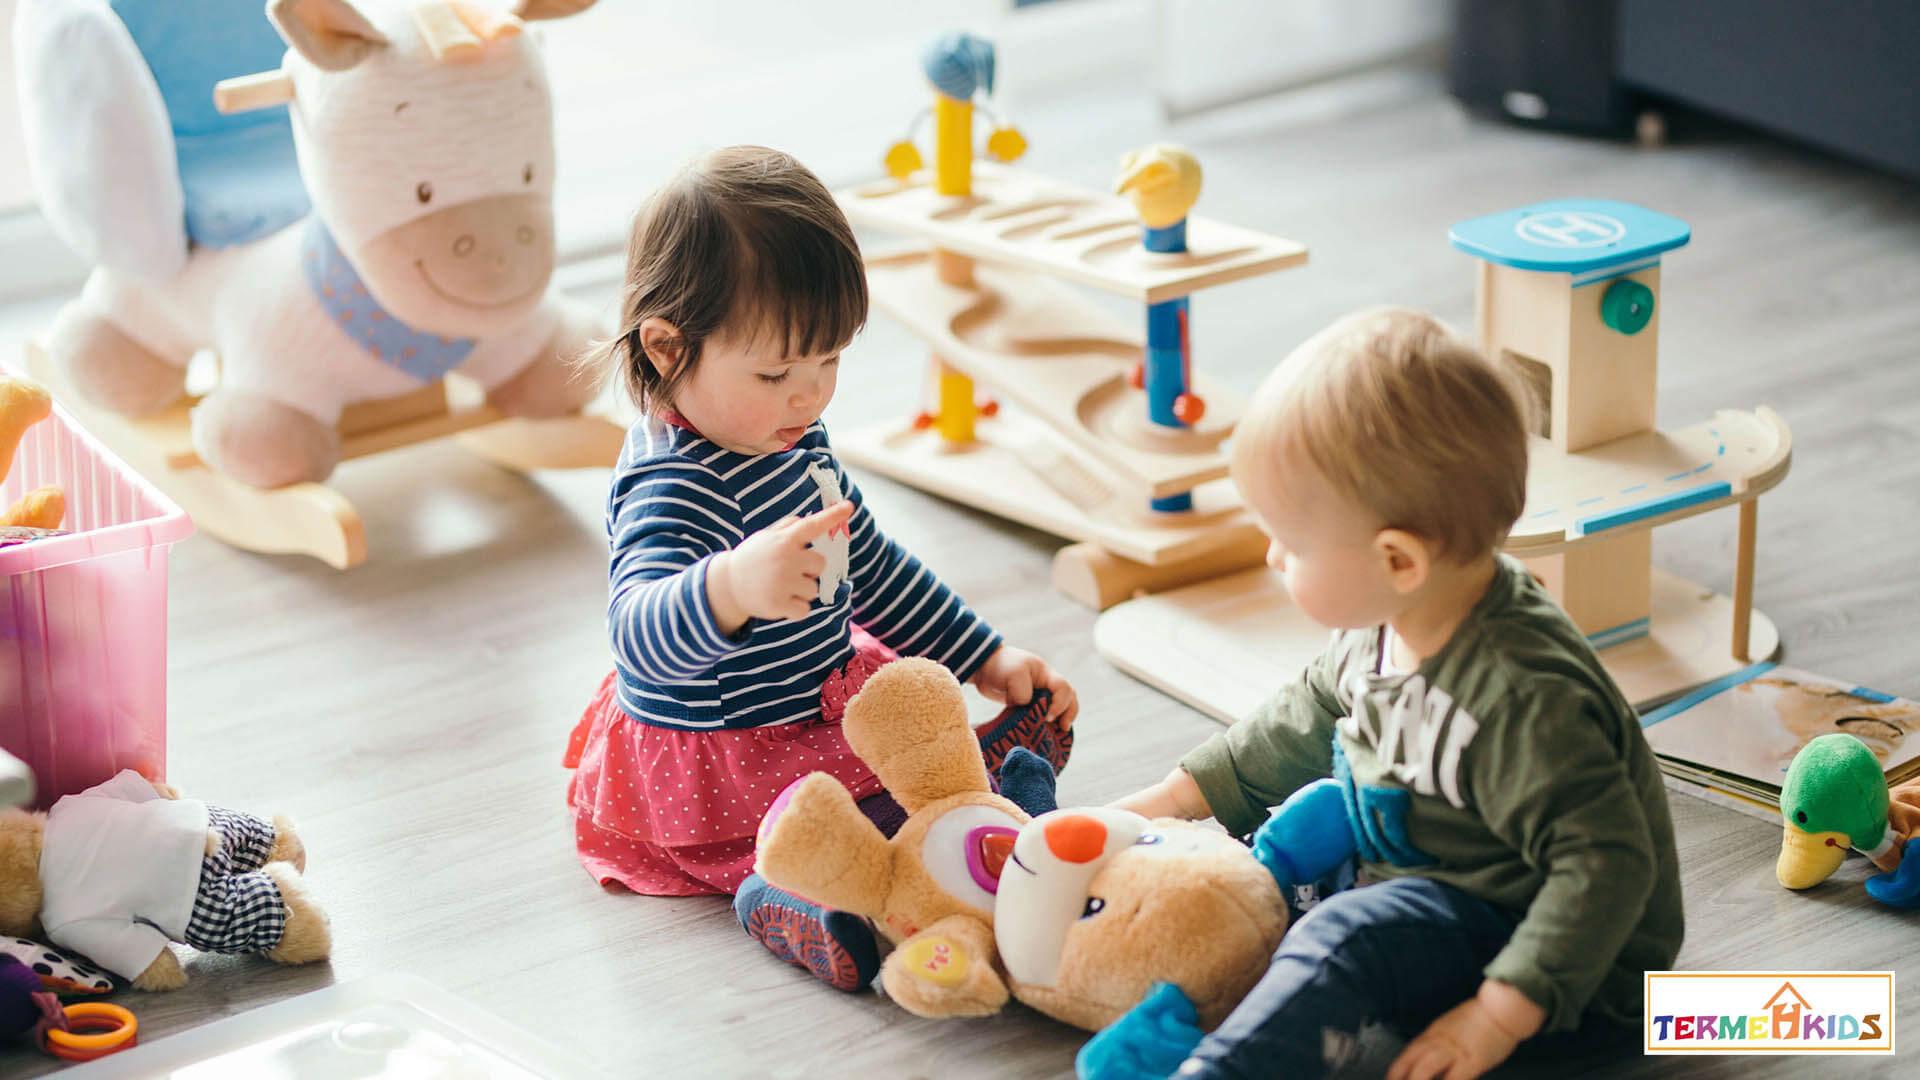 آموزش حقوق شهروندی به کودکان